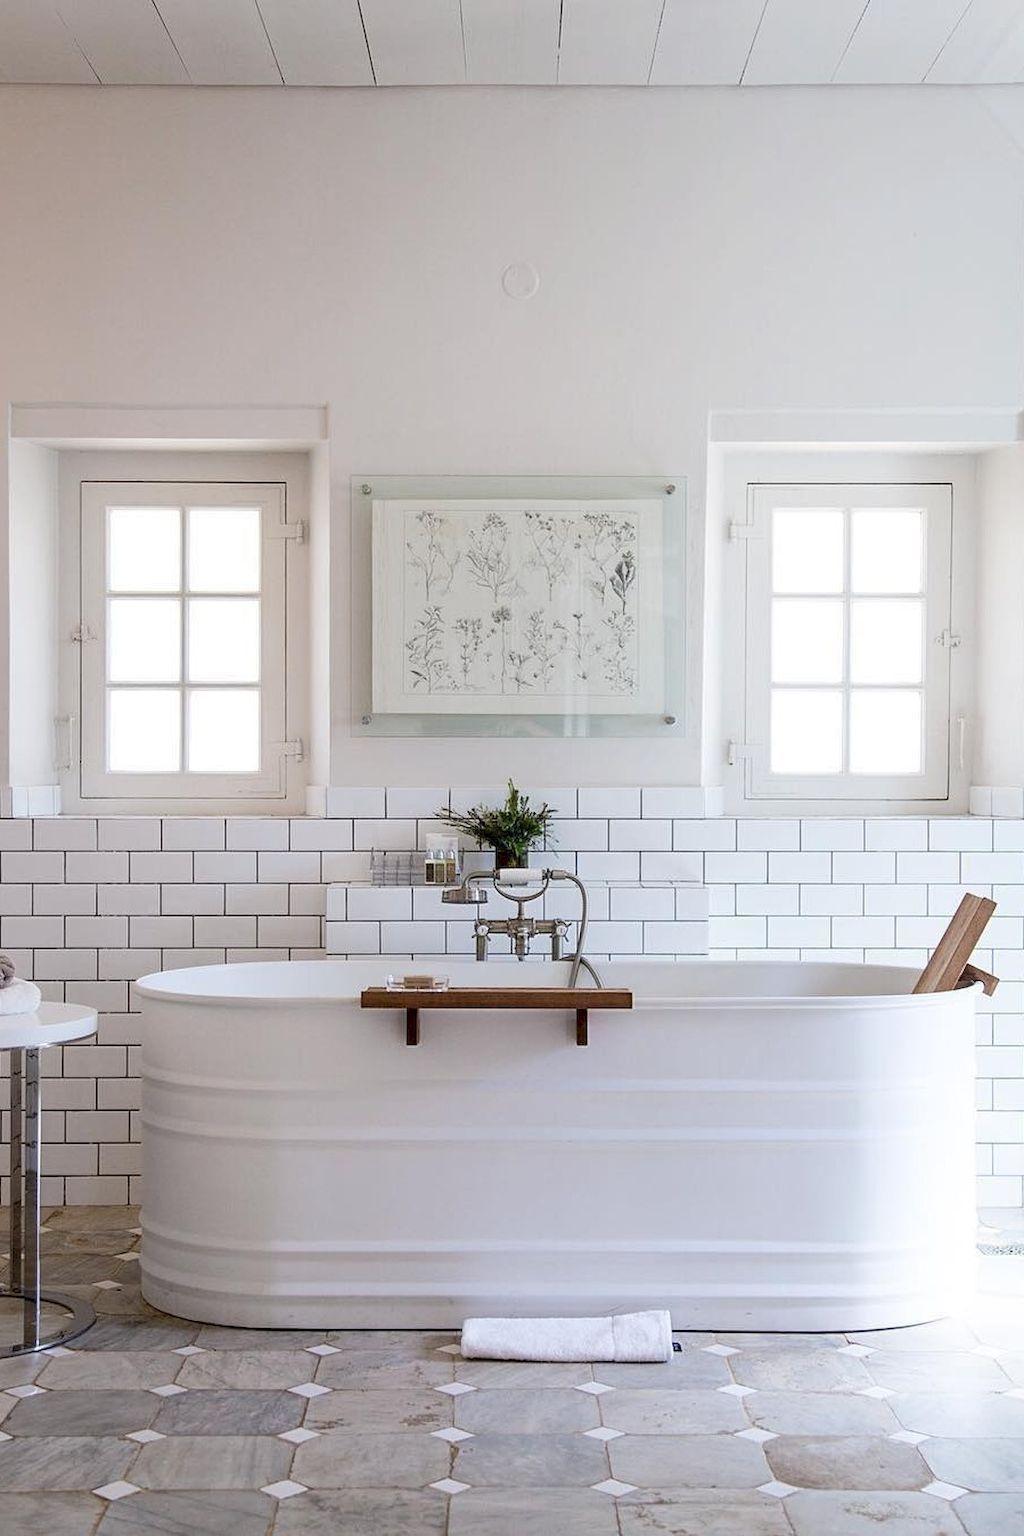 Badezimmer ideen marine und weiß pin von minxsun auf garten  pinterest  badezimmer bad und baden